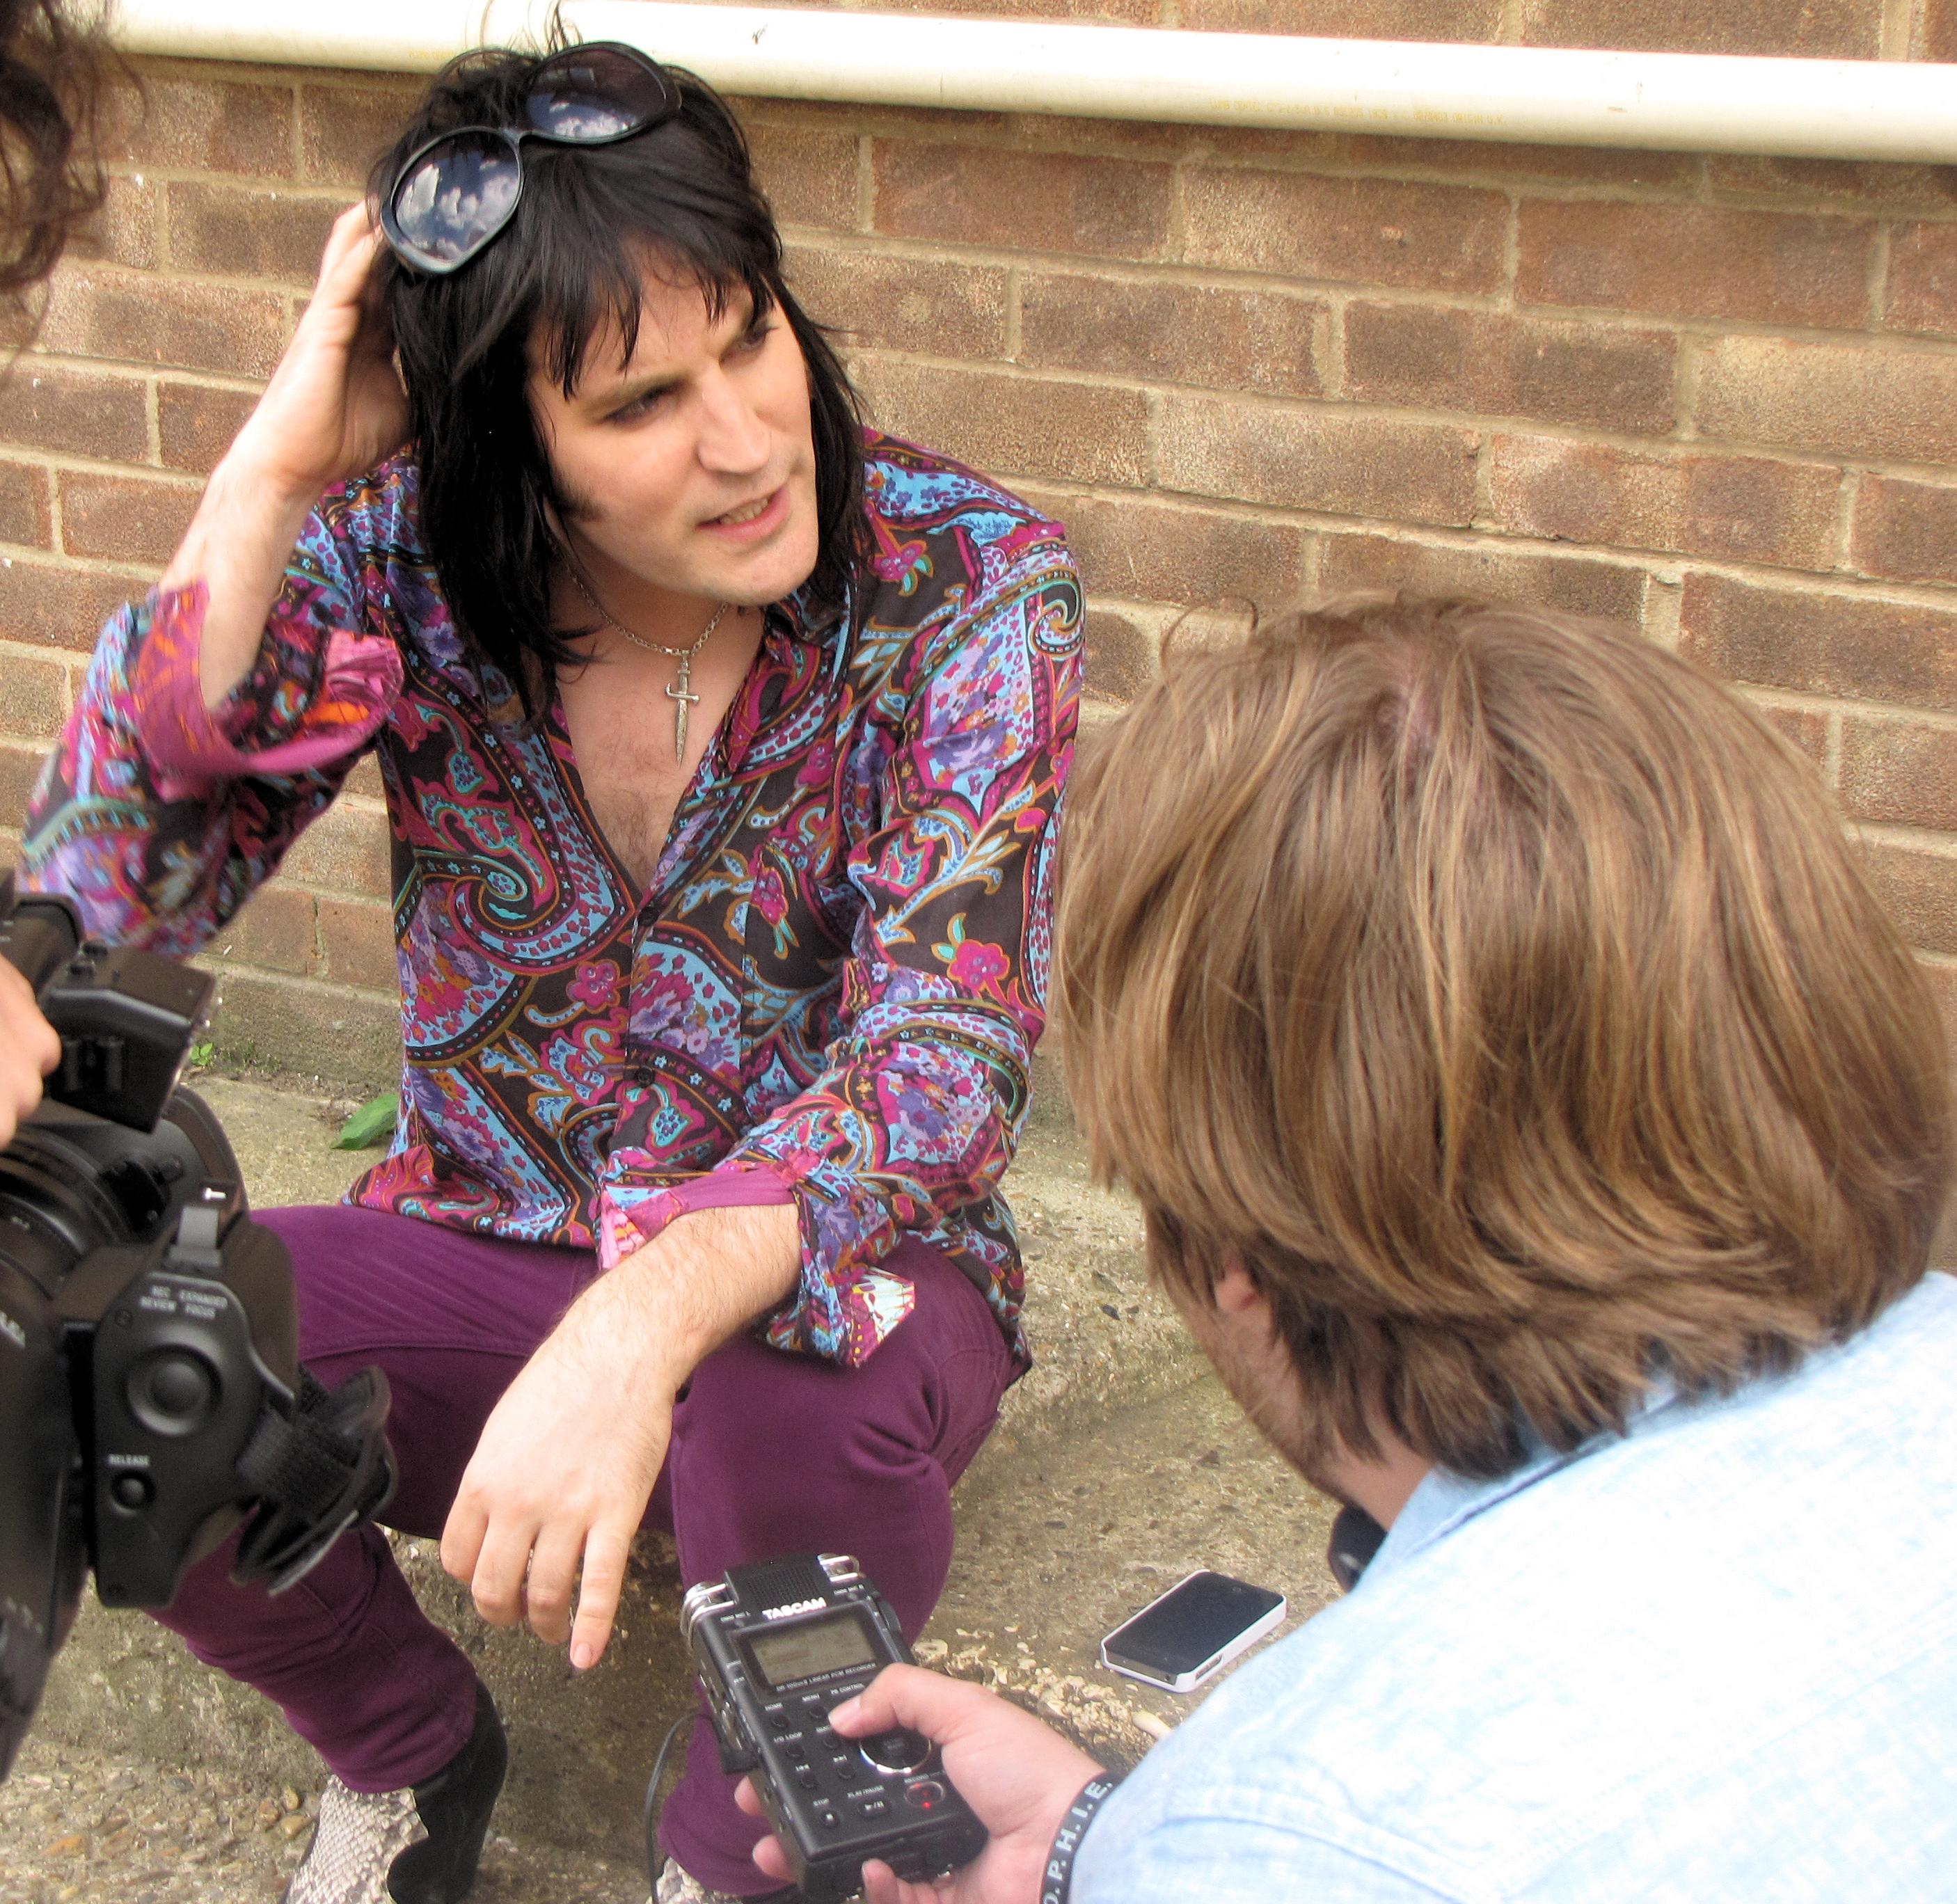 Paul Holmes interviews Noel Fielding.